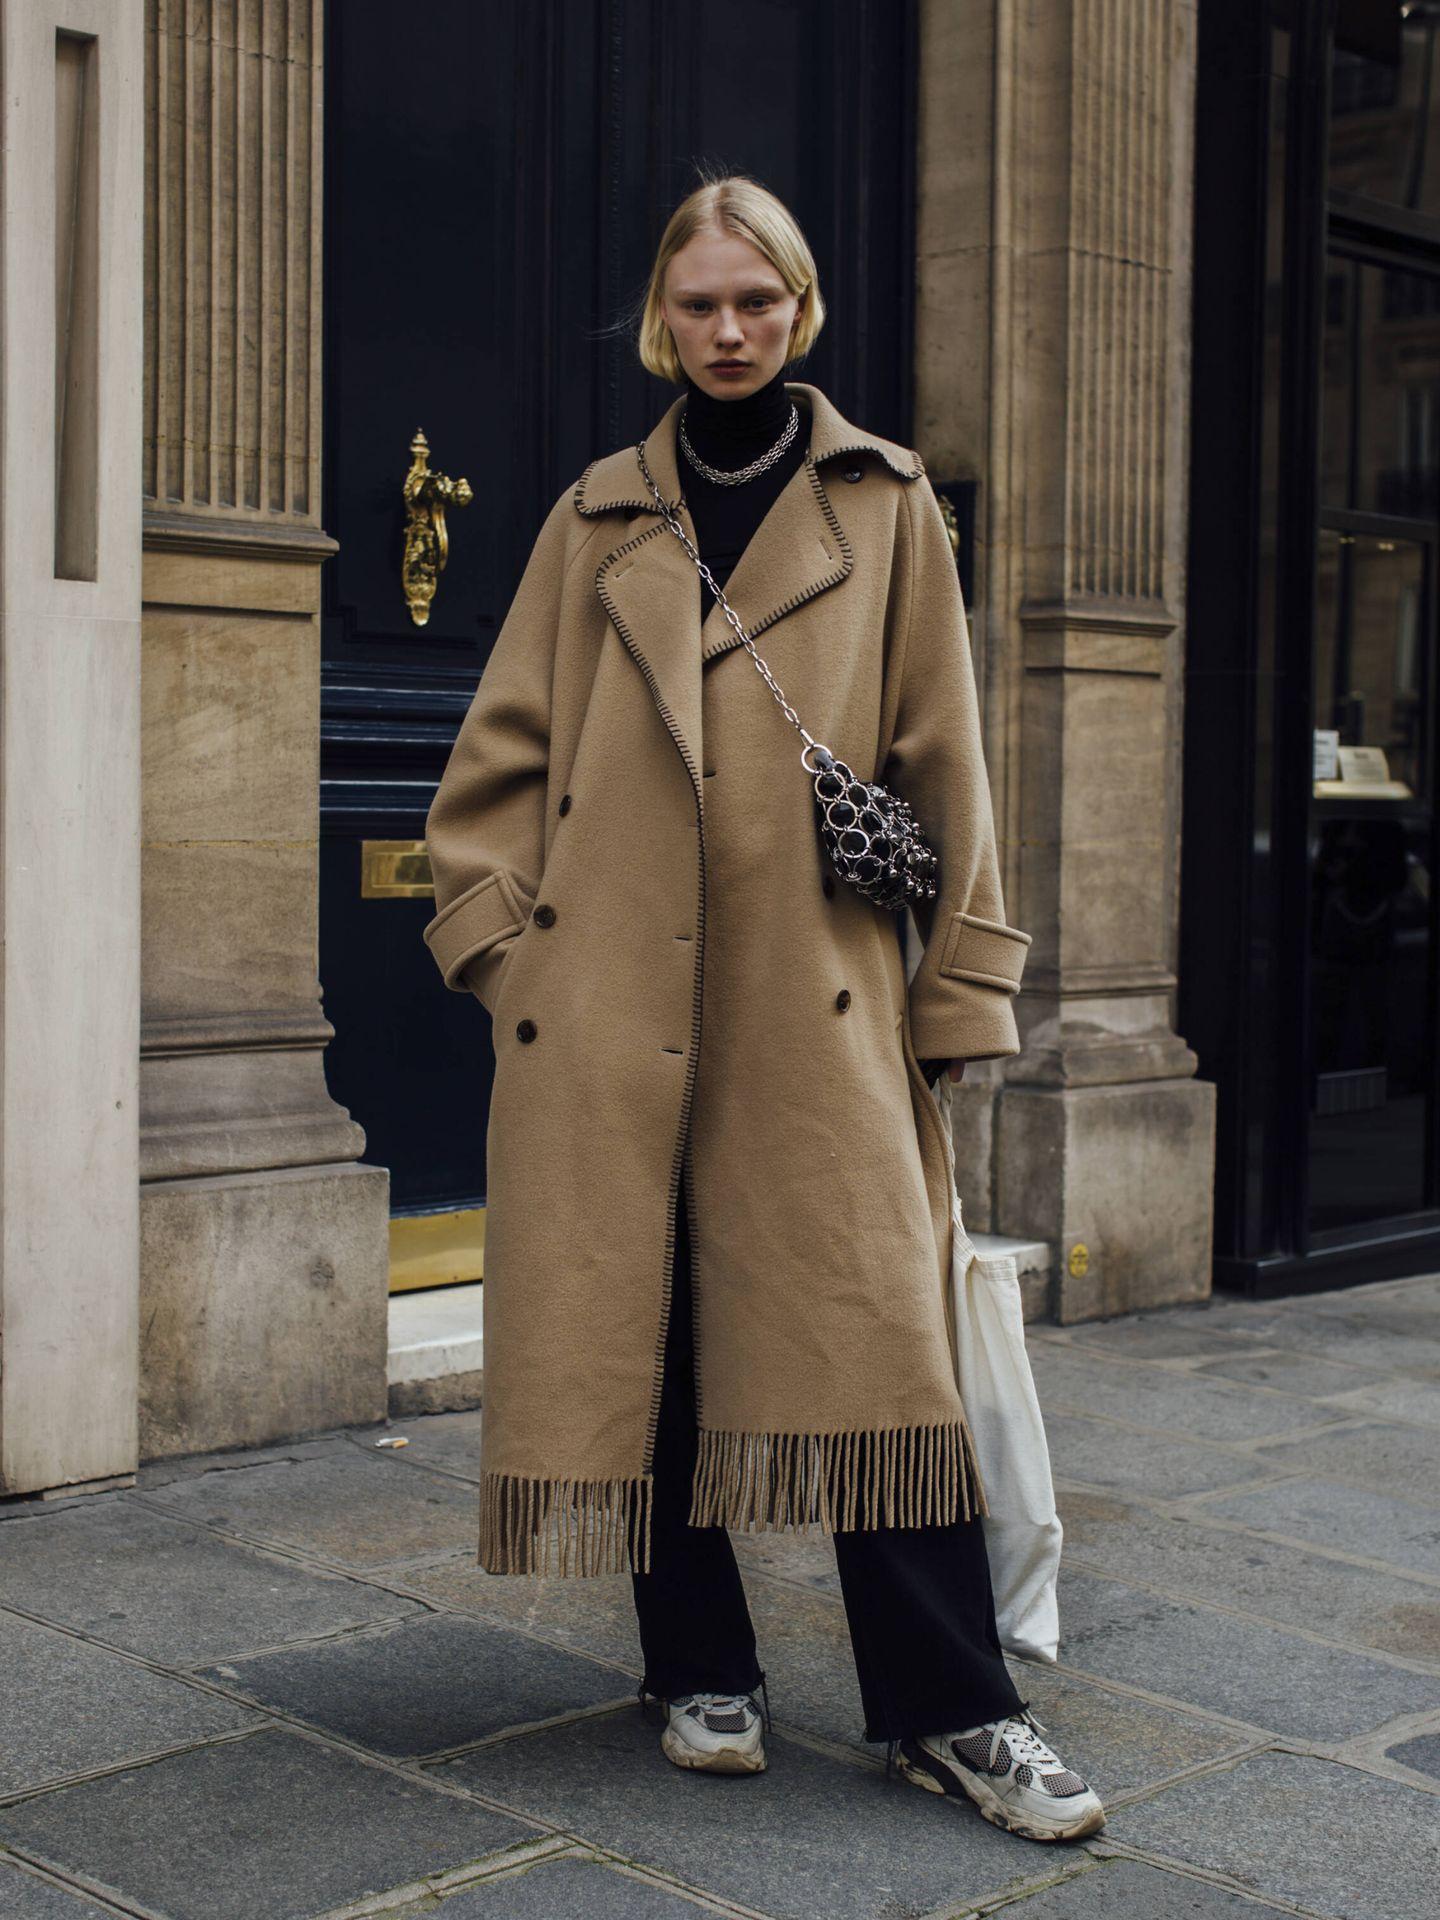 Un abrigo camel con flecos. (Imaxtree)